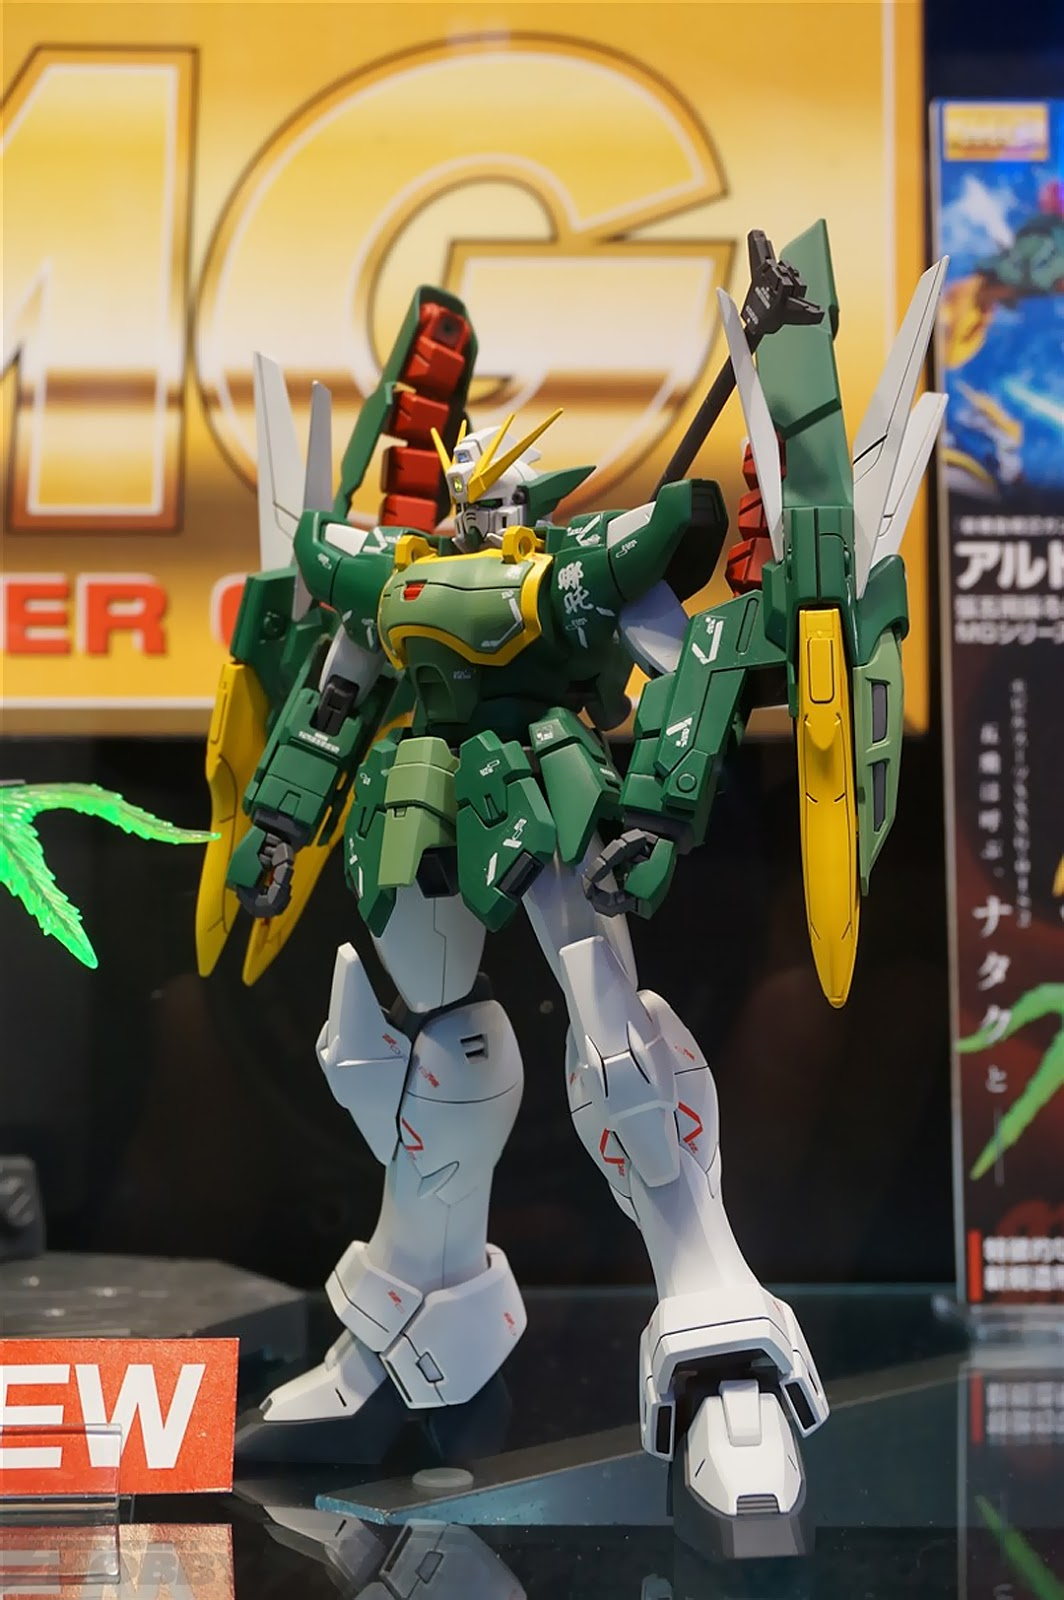 (ล็อตที่2)(ล็อต JP)(โปรดอ่านรายละเอียดก่อนการจองนะครับ)Pre-Order: P-bandai: MG 1/100 Altron Gundam EW 4860yen มัดจำ500บาท สินค้าเข้าไทยเดือน 12